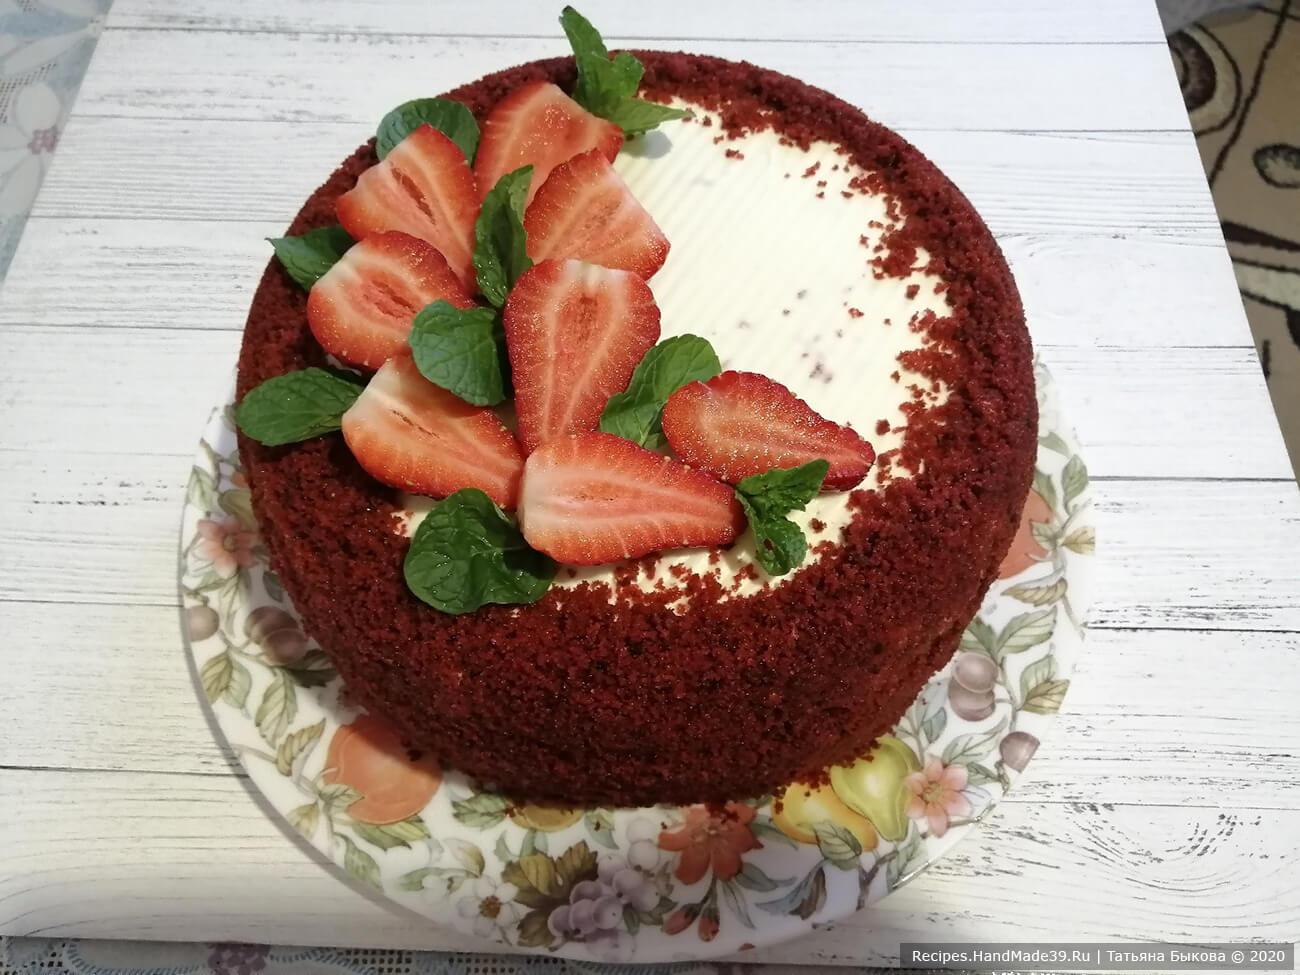 Бисквитный торт «Красный бархат» со сливочным кремом